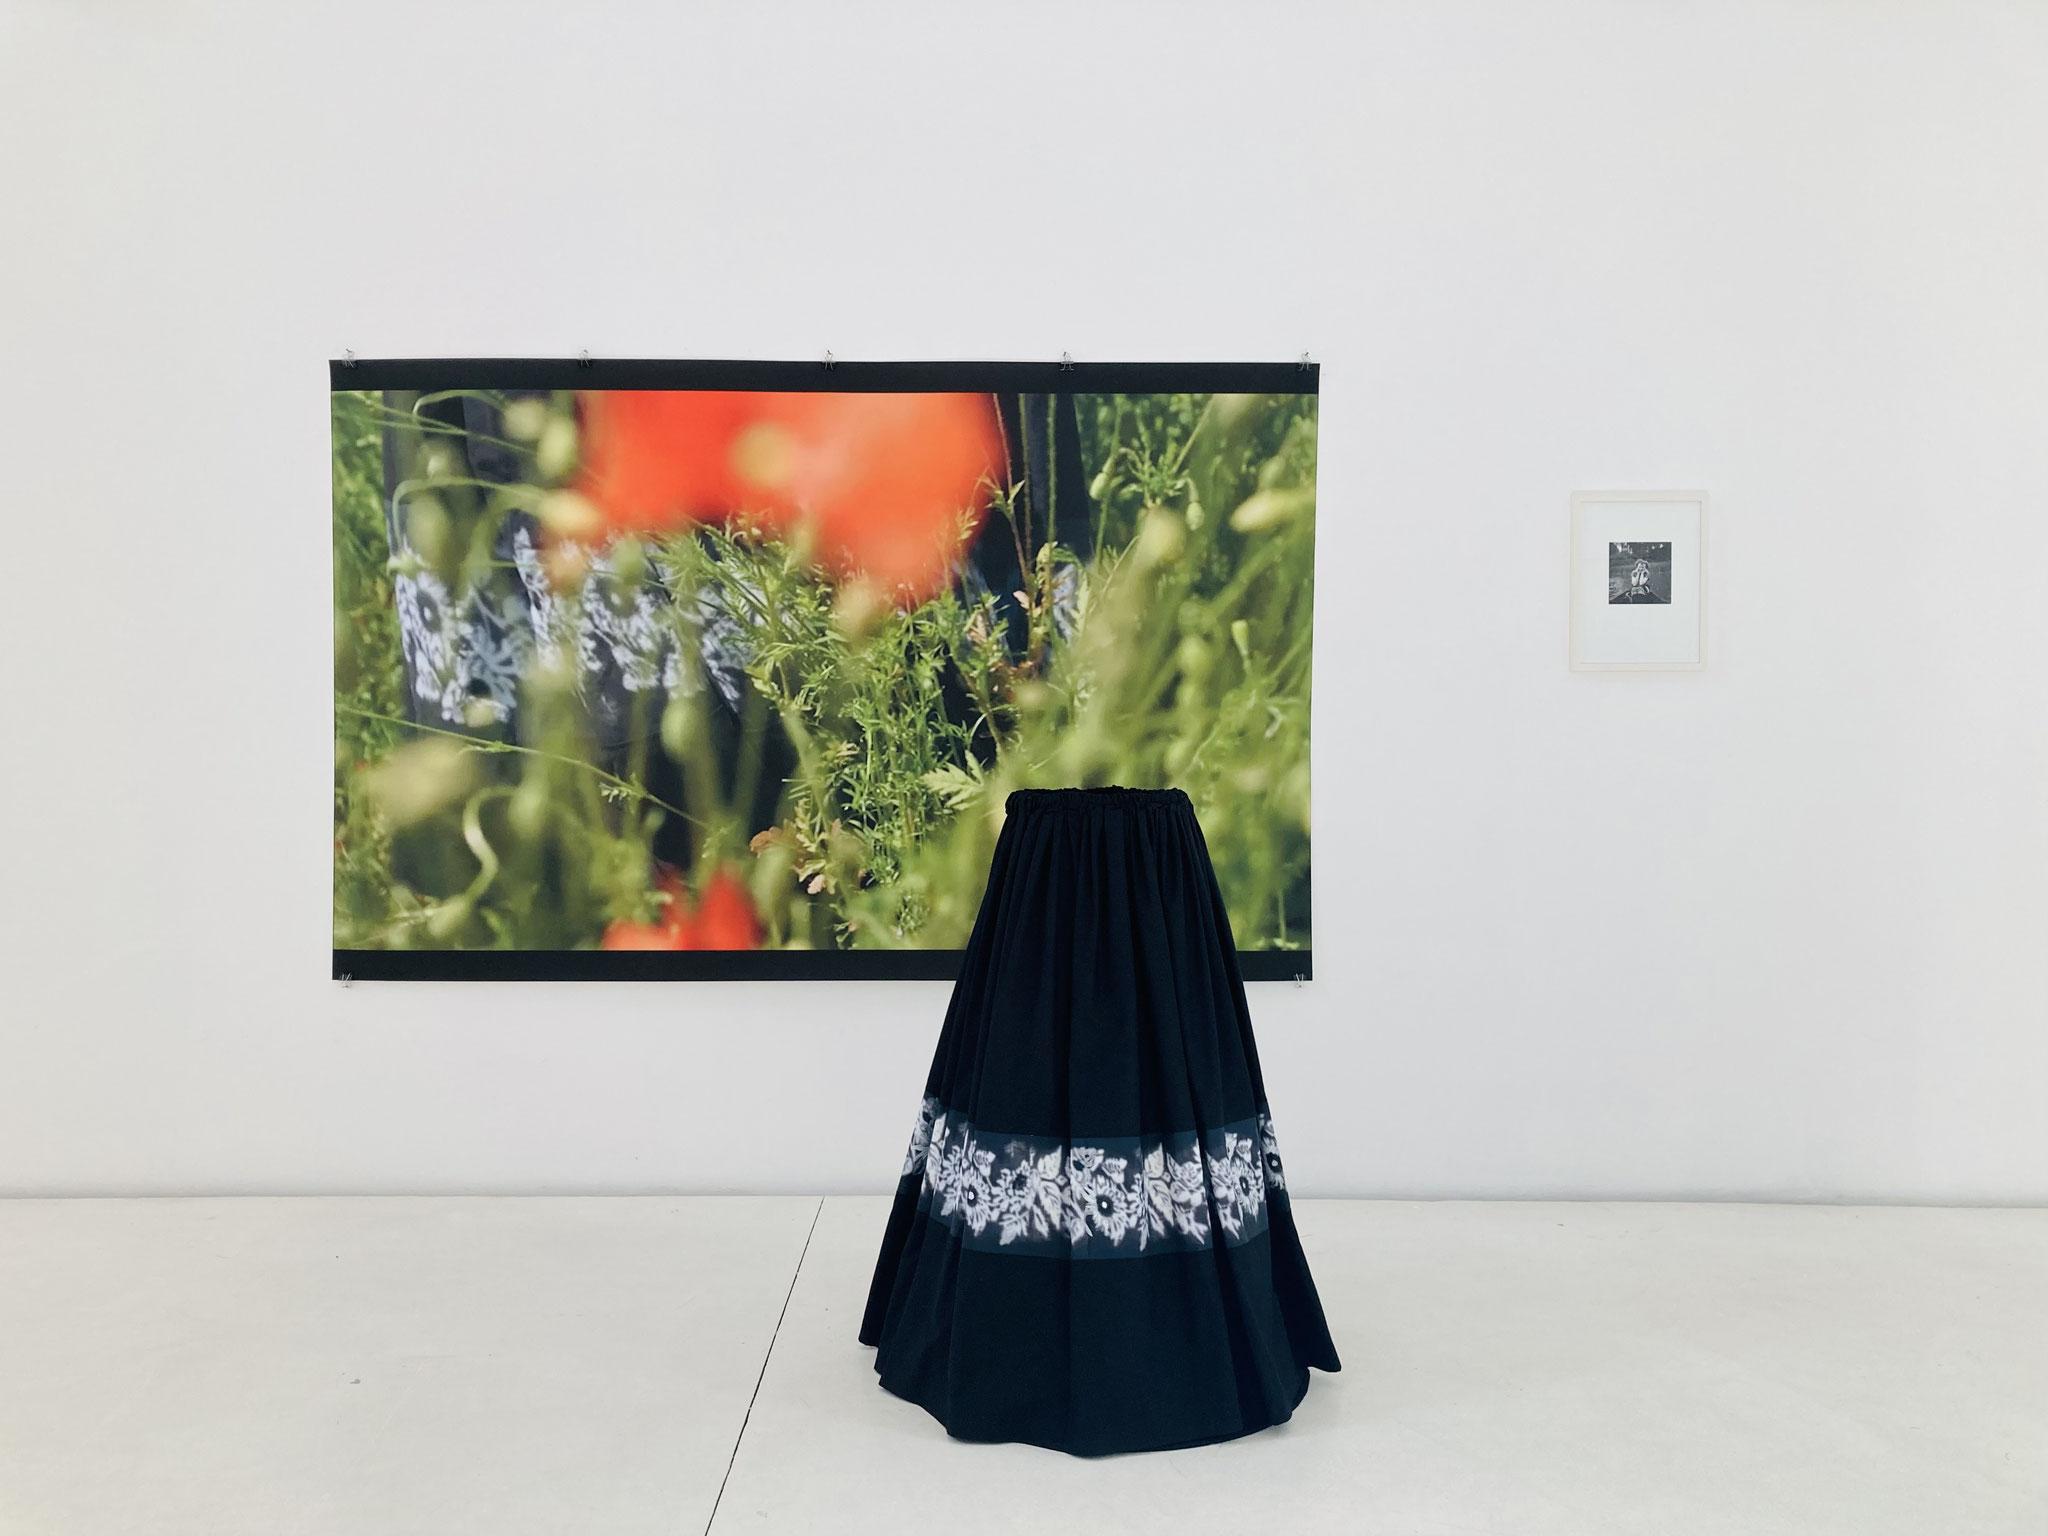 Ursula Neugebauer I schwarzer Schnee 2019 I Installation, Rock, Stoff mit Blumenprint, Stahlgestell, s/w Photographie, 240 x 120 x 250 (Maße variabel)